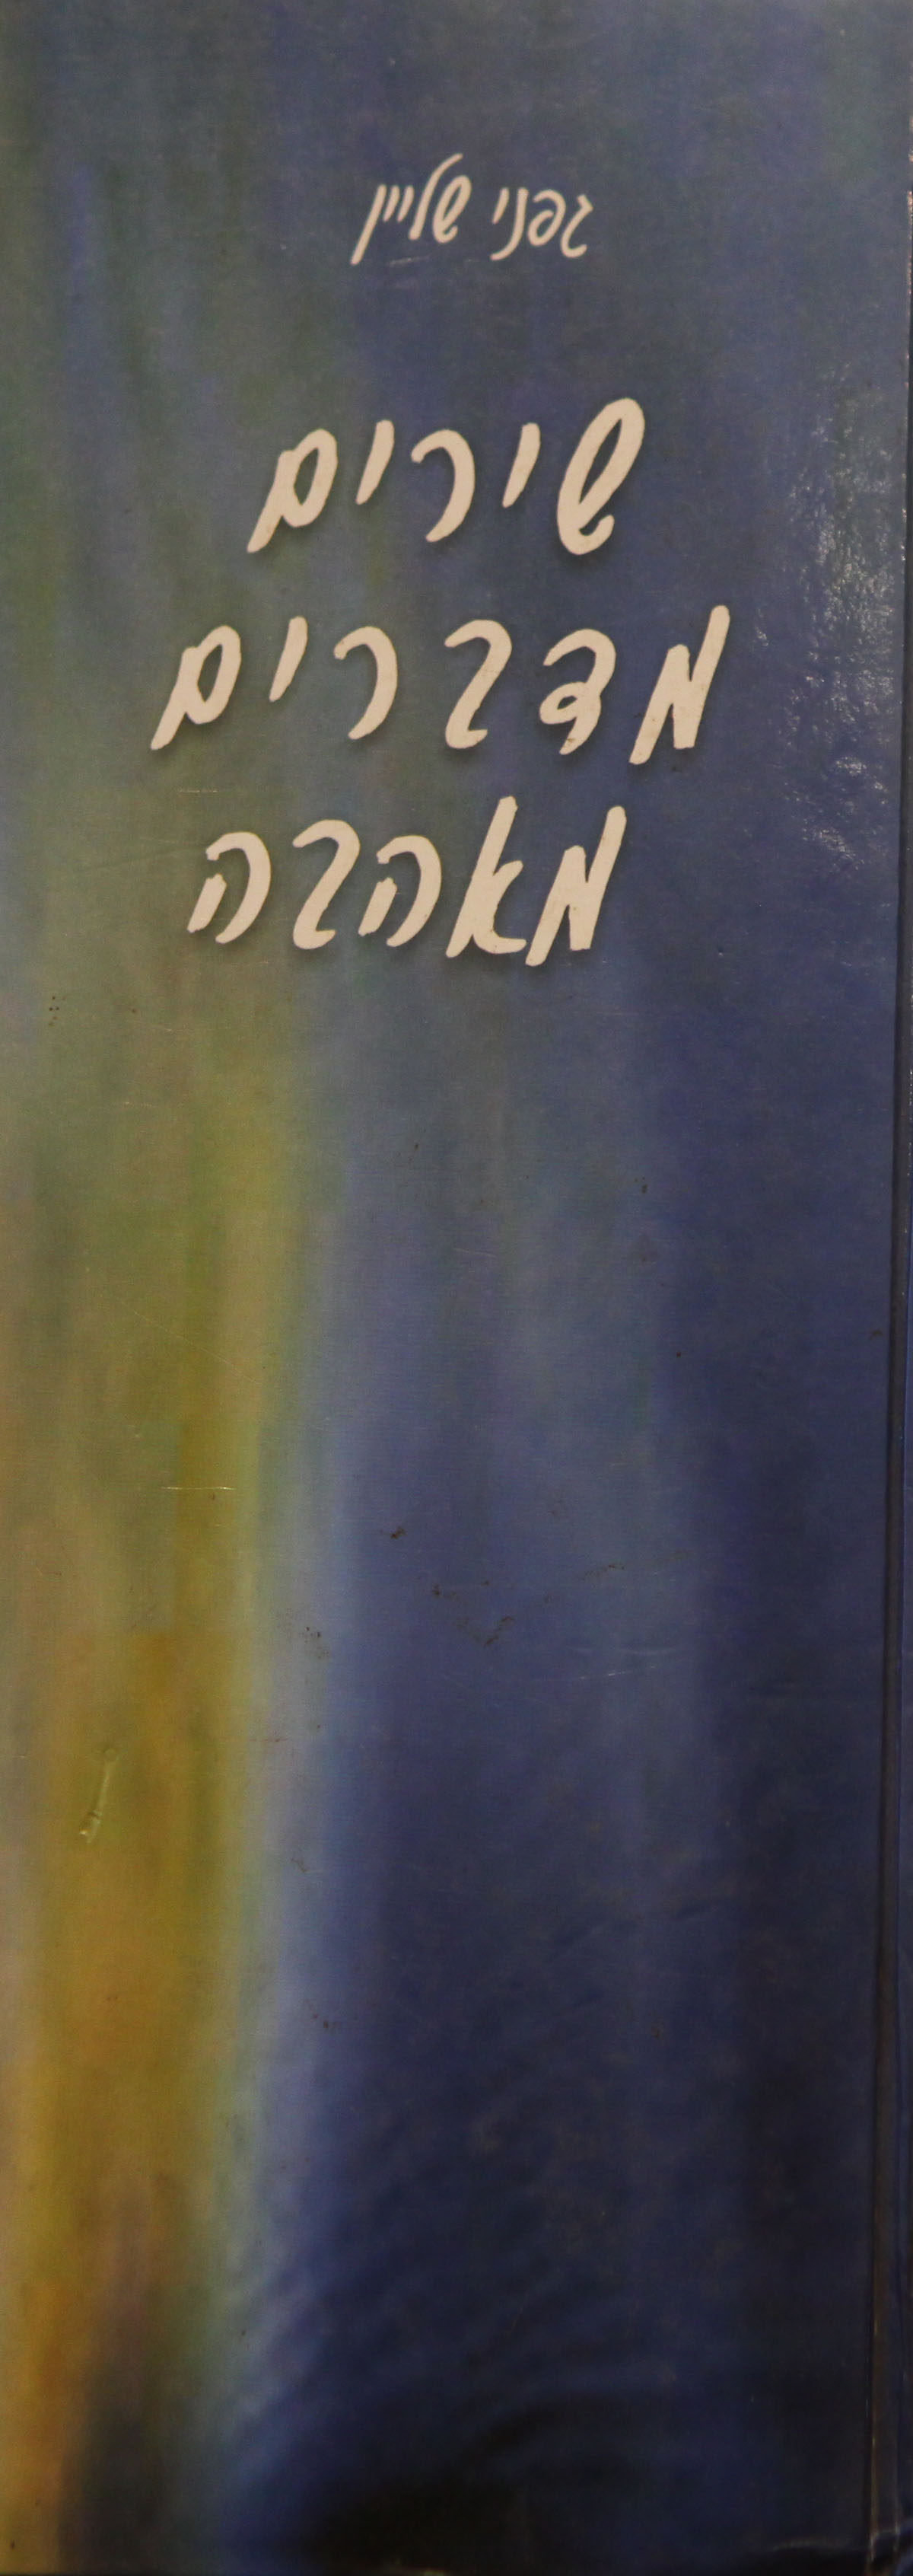 הוצאה לאור, הוצאת ספרים, ספרי שירה, עריכה לשונית